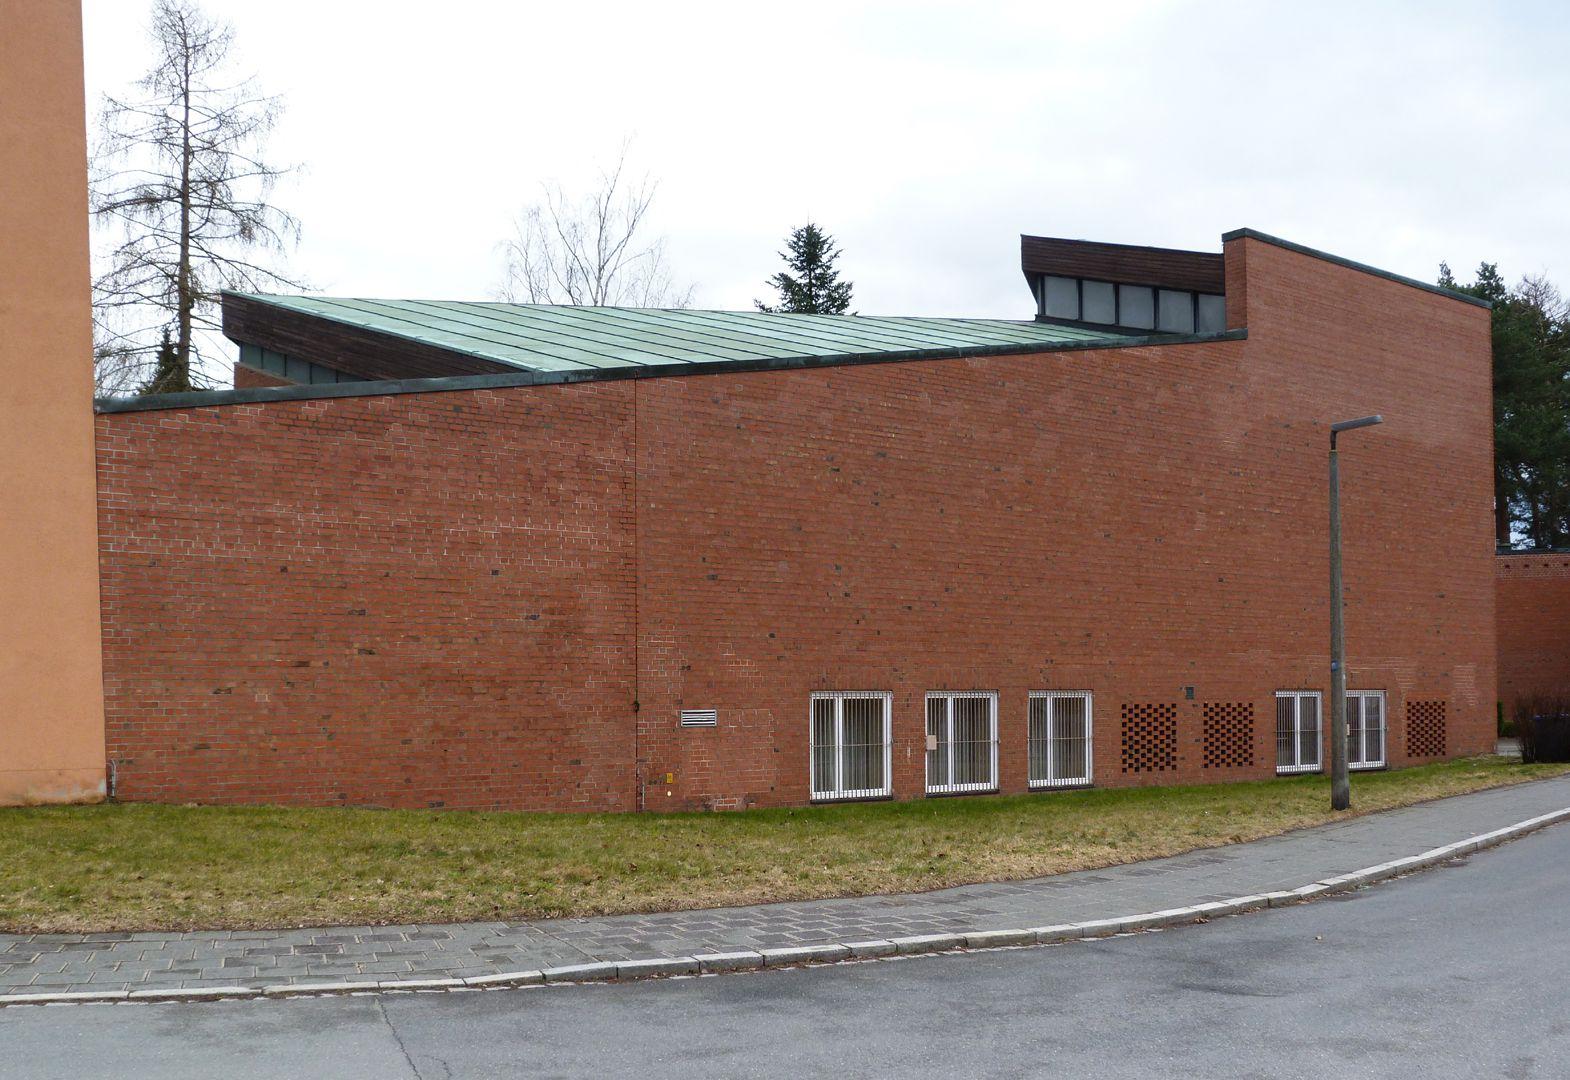 Himmelfahrtskirche Campanile, Hofmauer und westliche Mauer des Kirchenschiffs